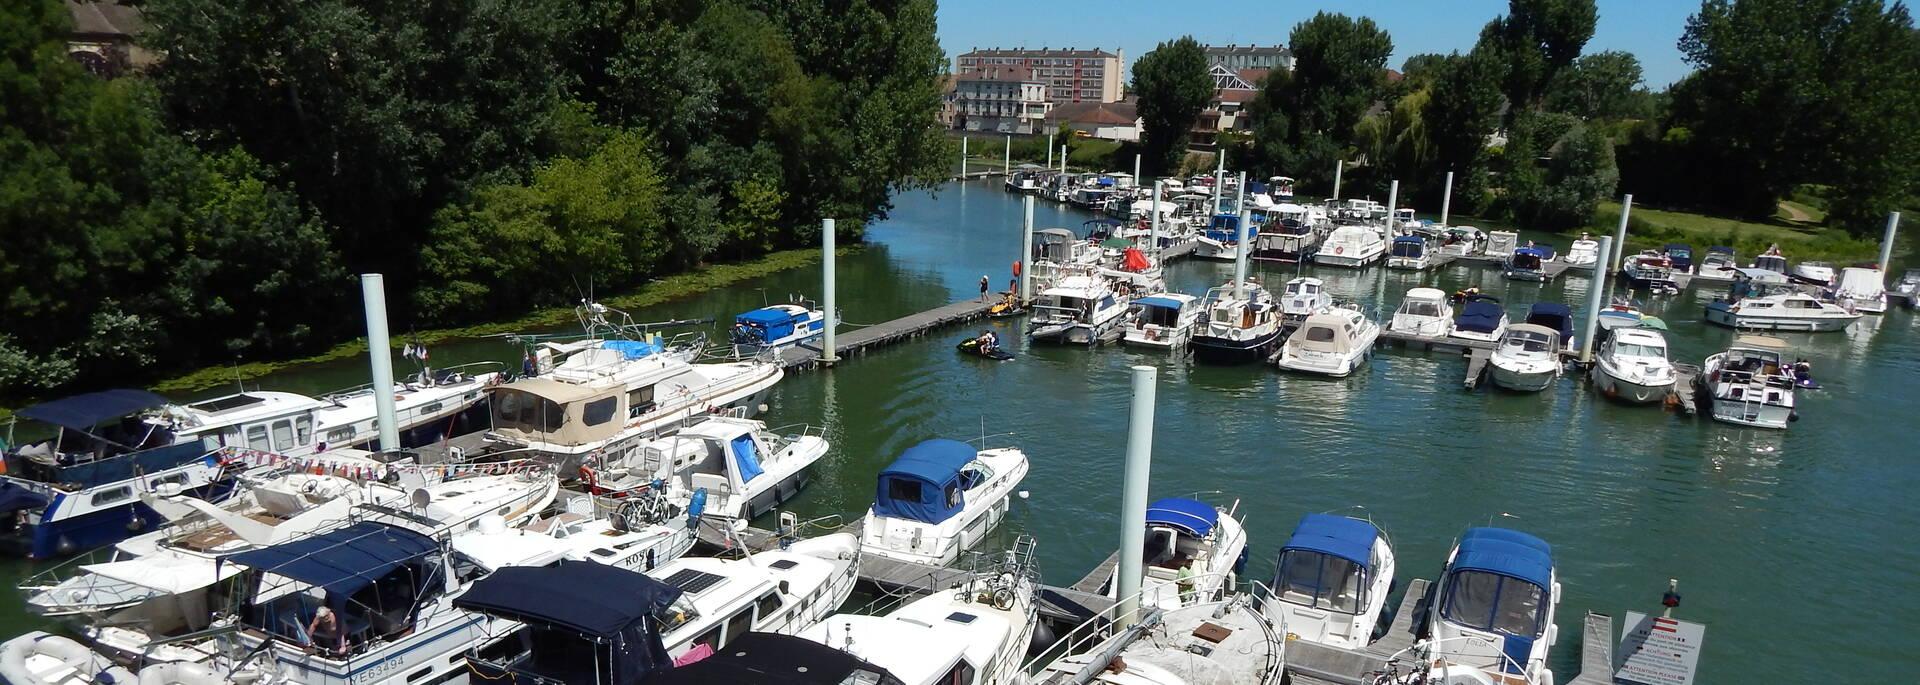 Port de plaisance de Chalon sur Saône - © Office de Tourisme